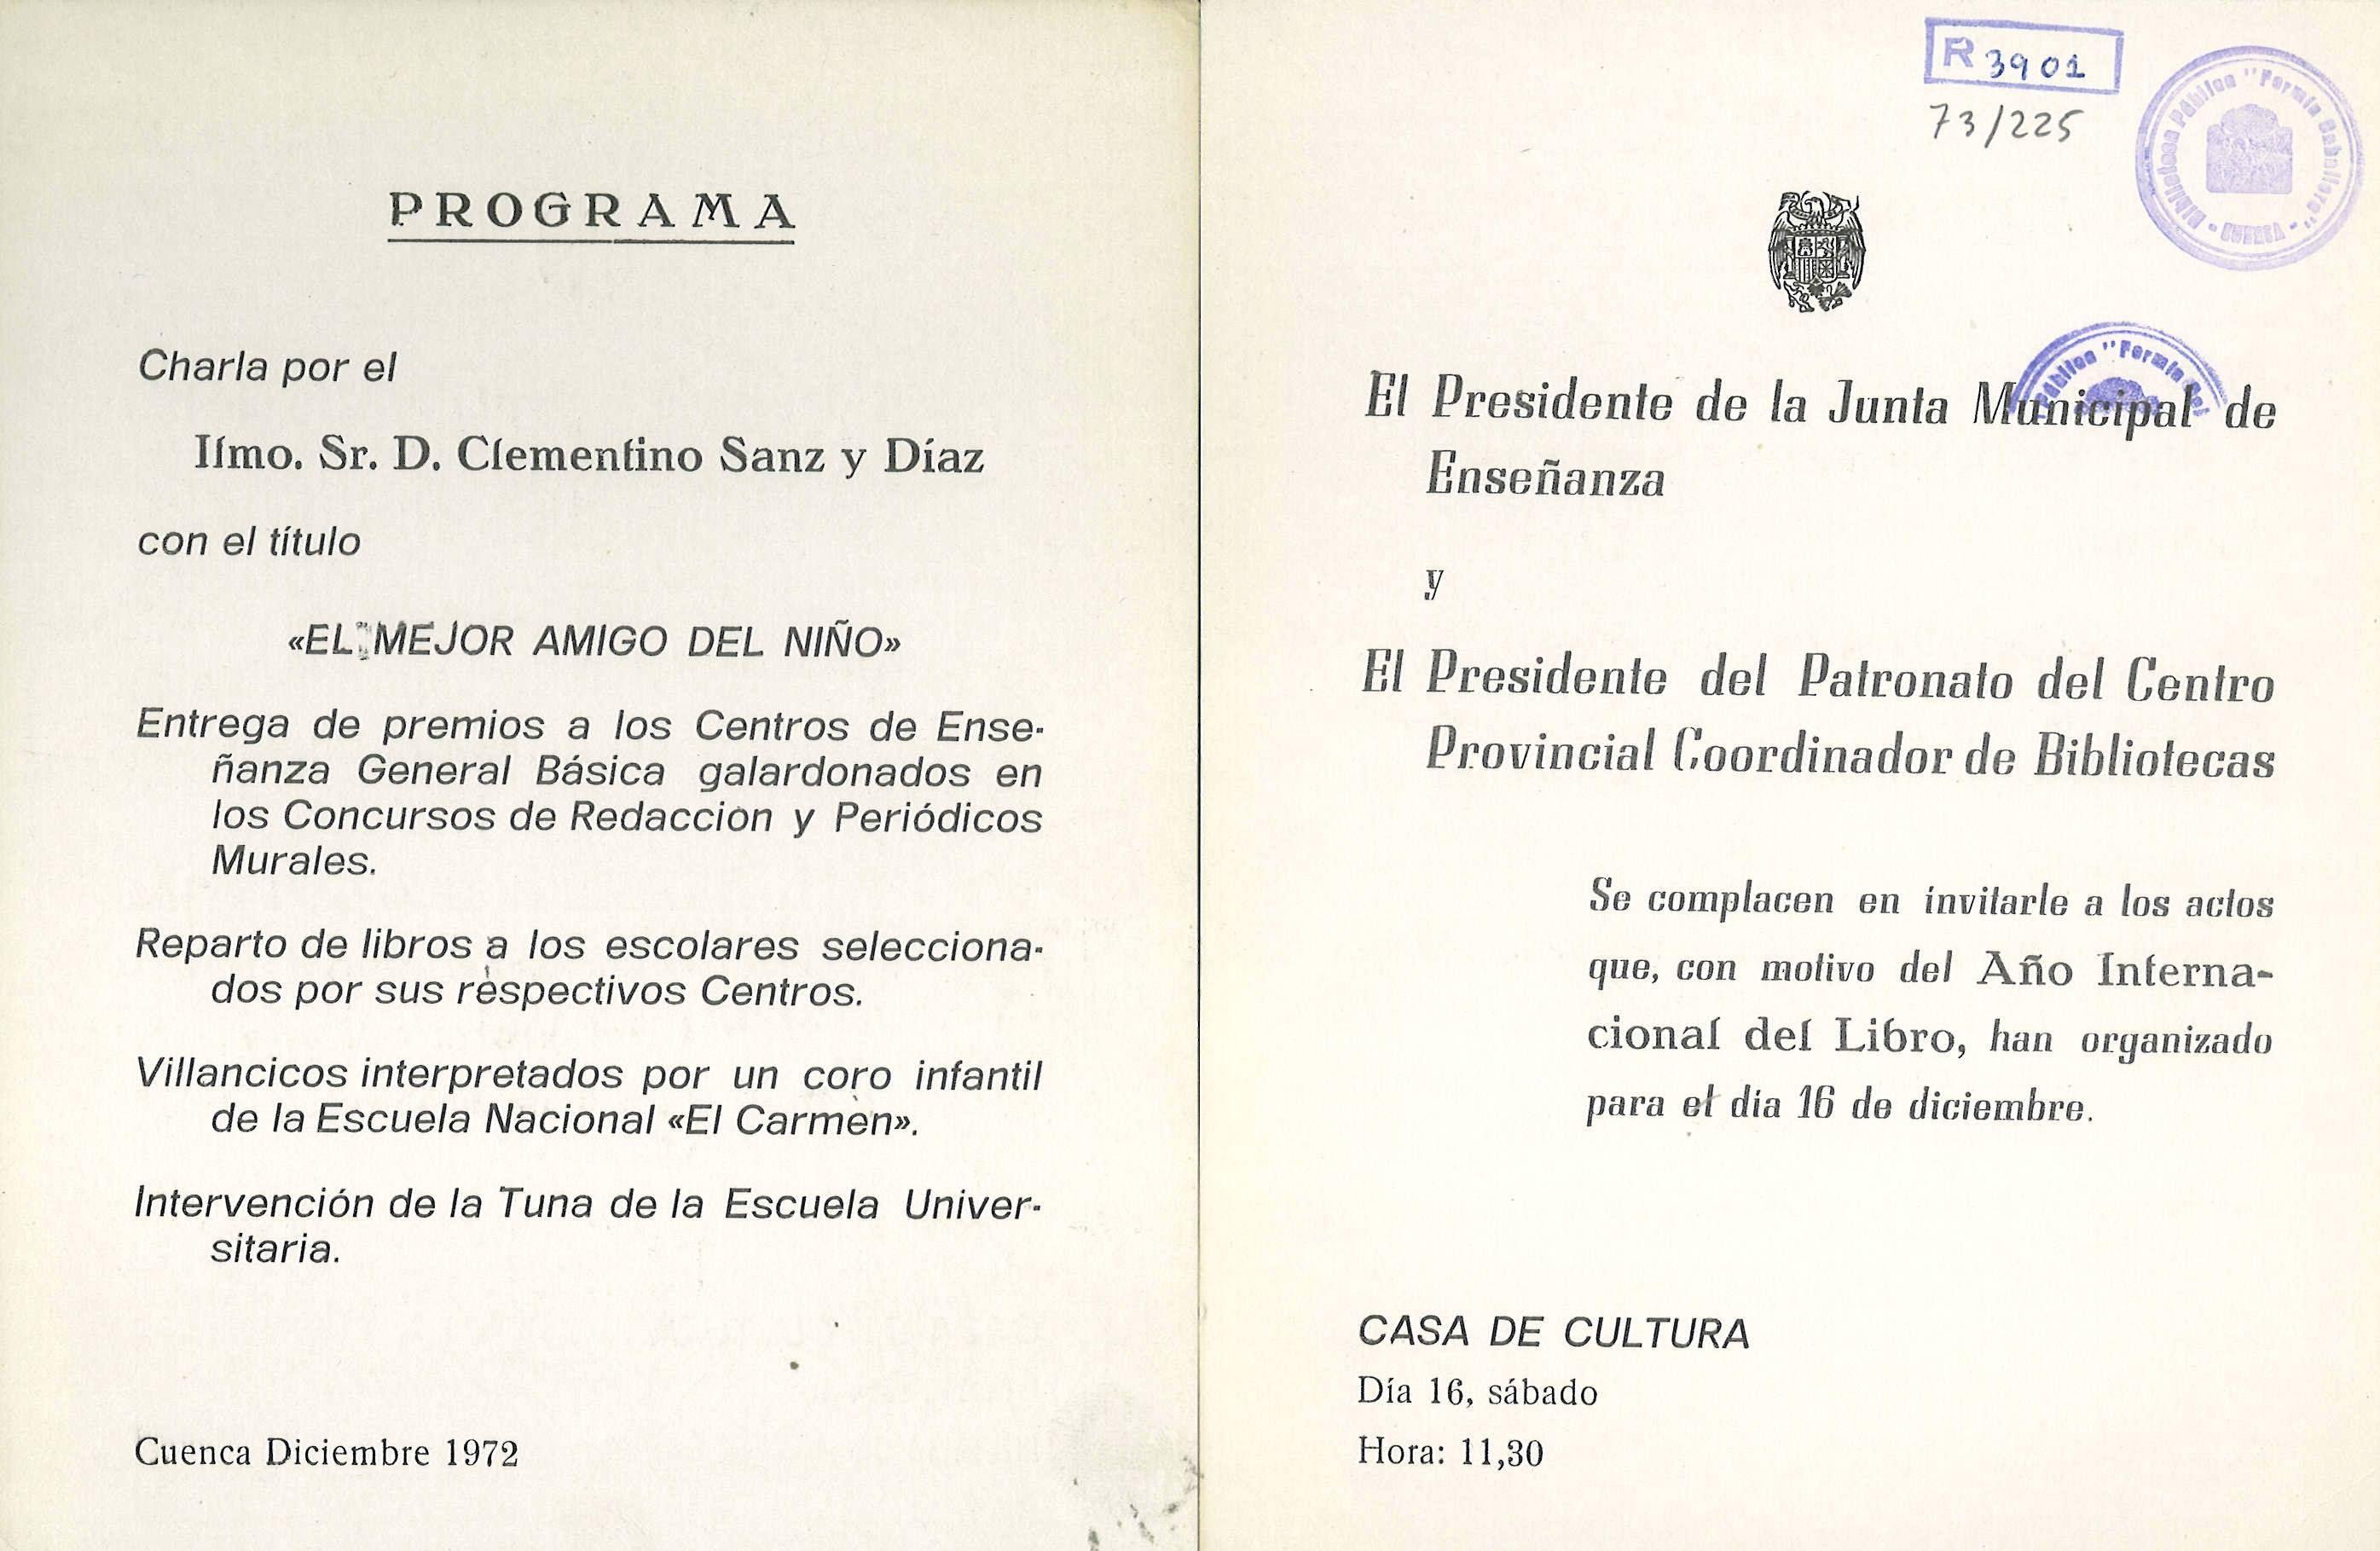 Actos con motivo del Año Internacional del Libro en la Casa de Cultura de Cuenca Diciembre 1972 Entrega de libros a los escolares seleccionados #Cuenca #Libros #DiasdeLibros #CasaCulturaCuenca